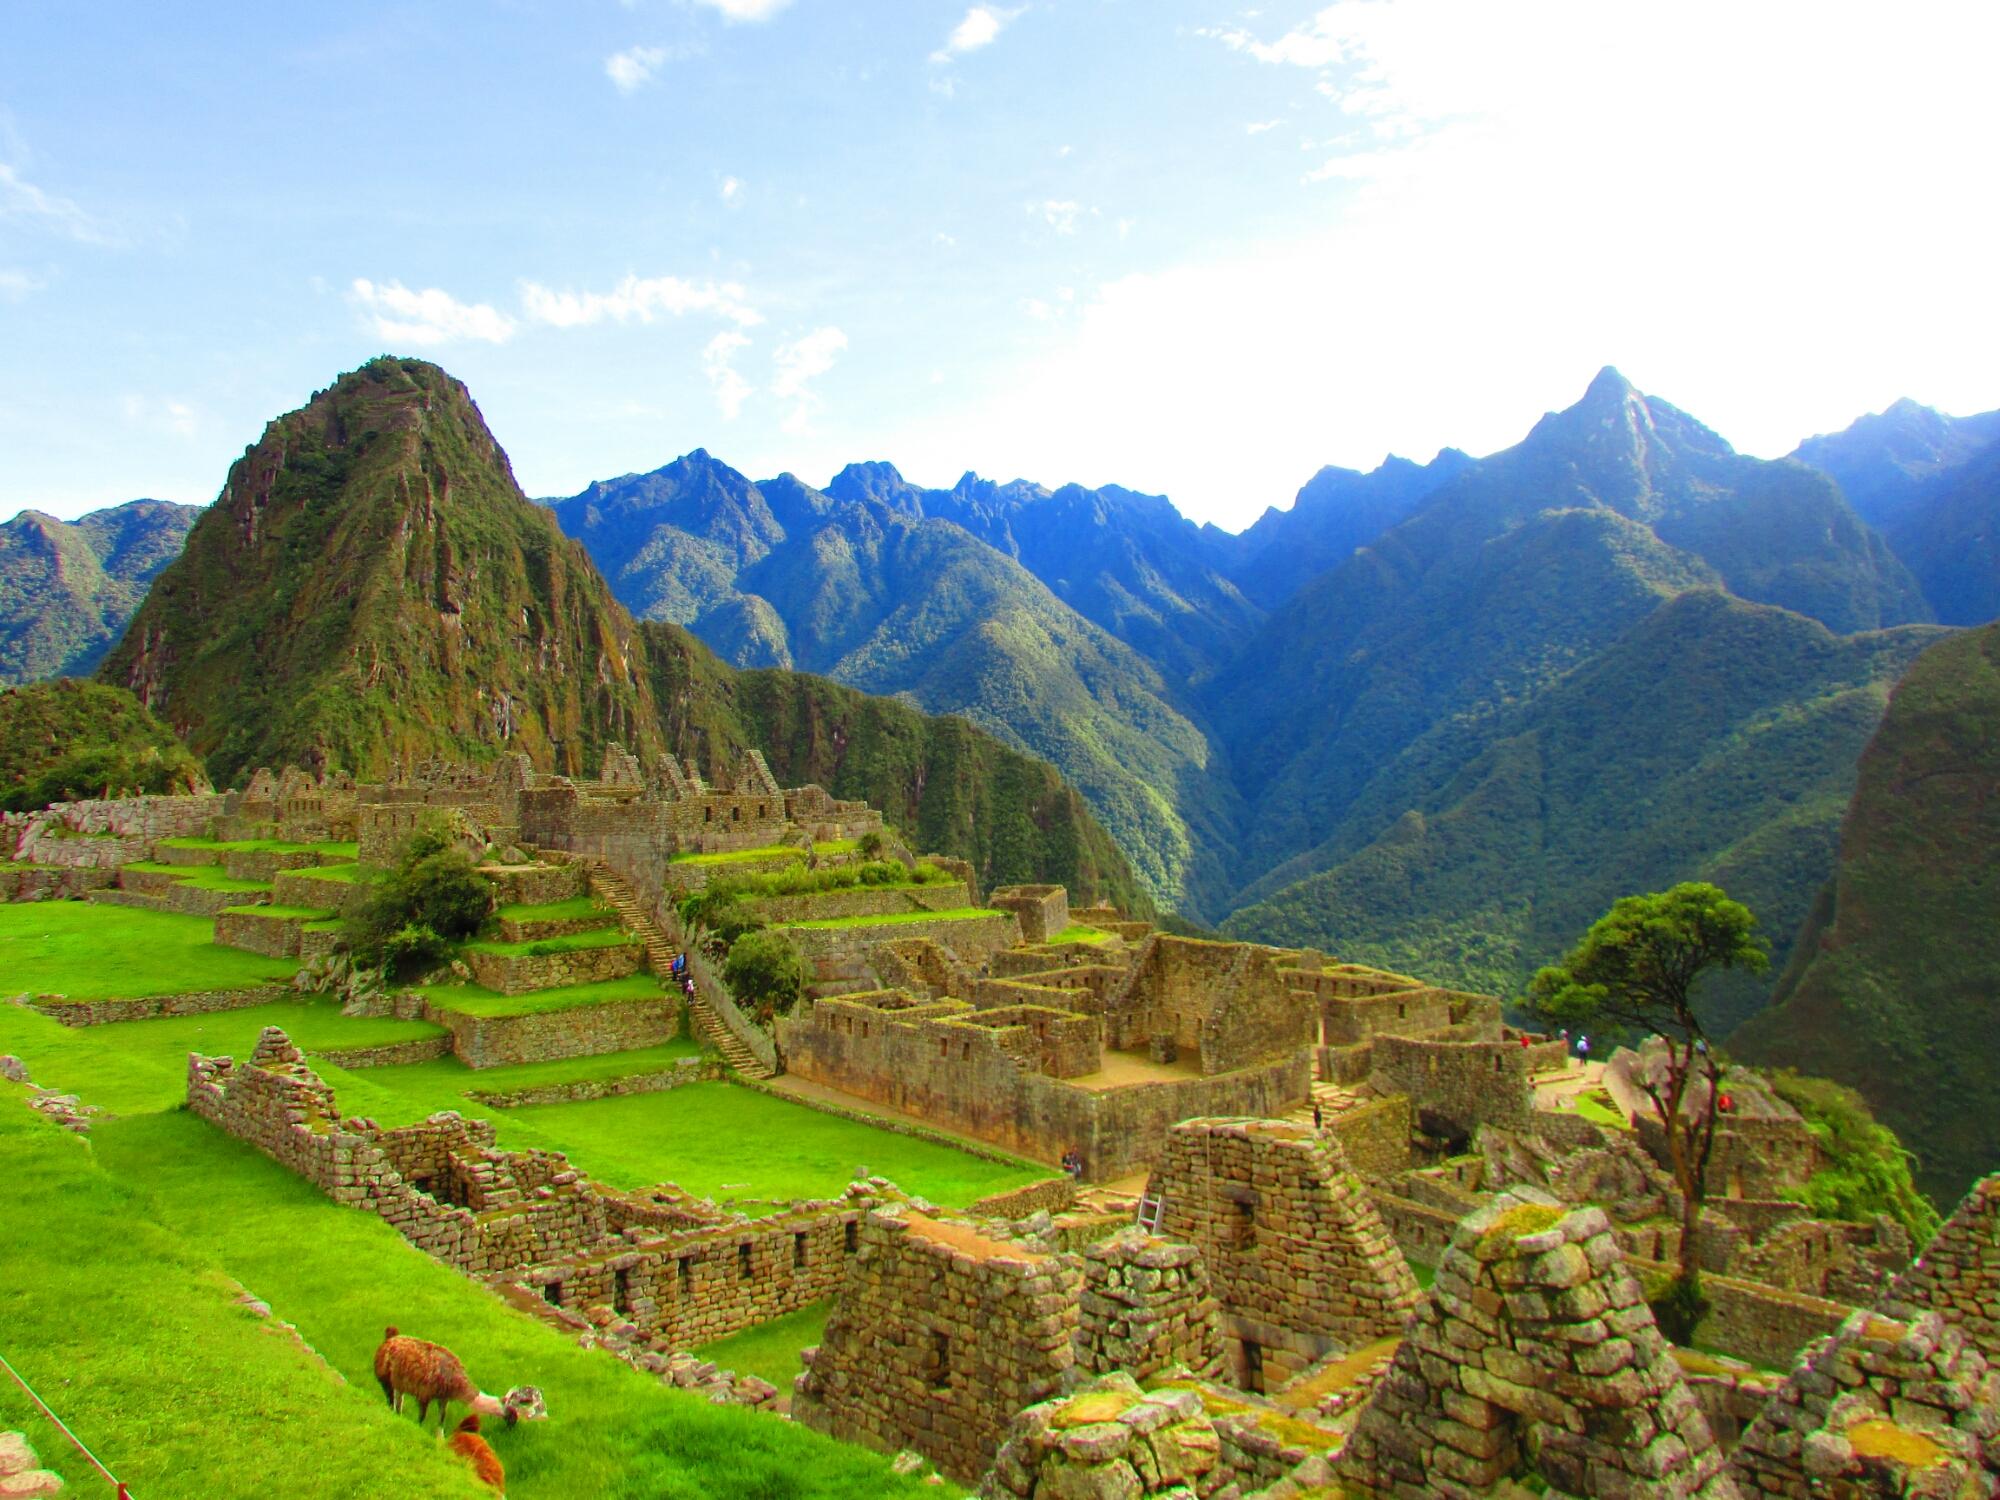 vista de la ciudadela de Machu Picchu y la montaña Huayna Picchu